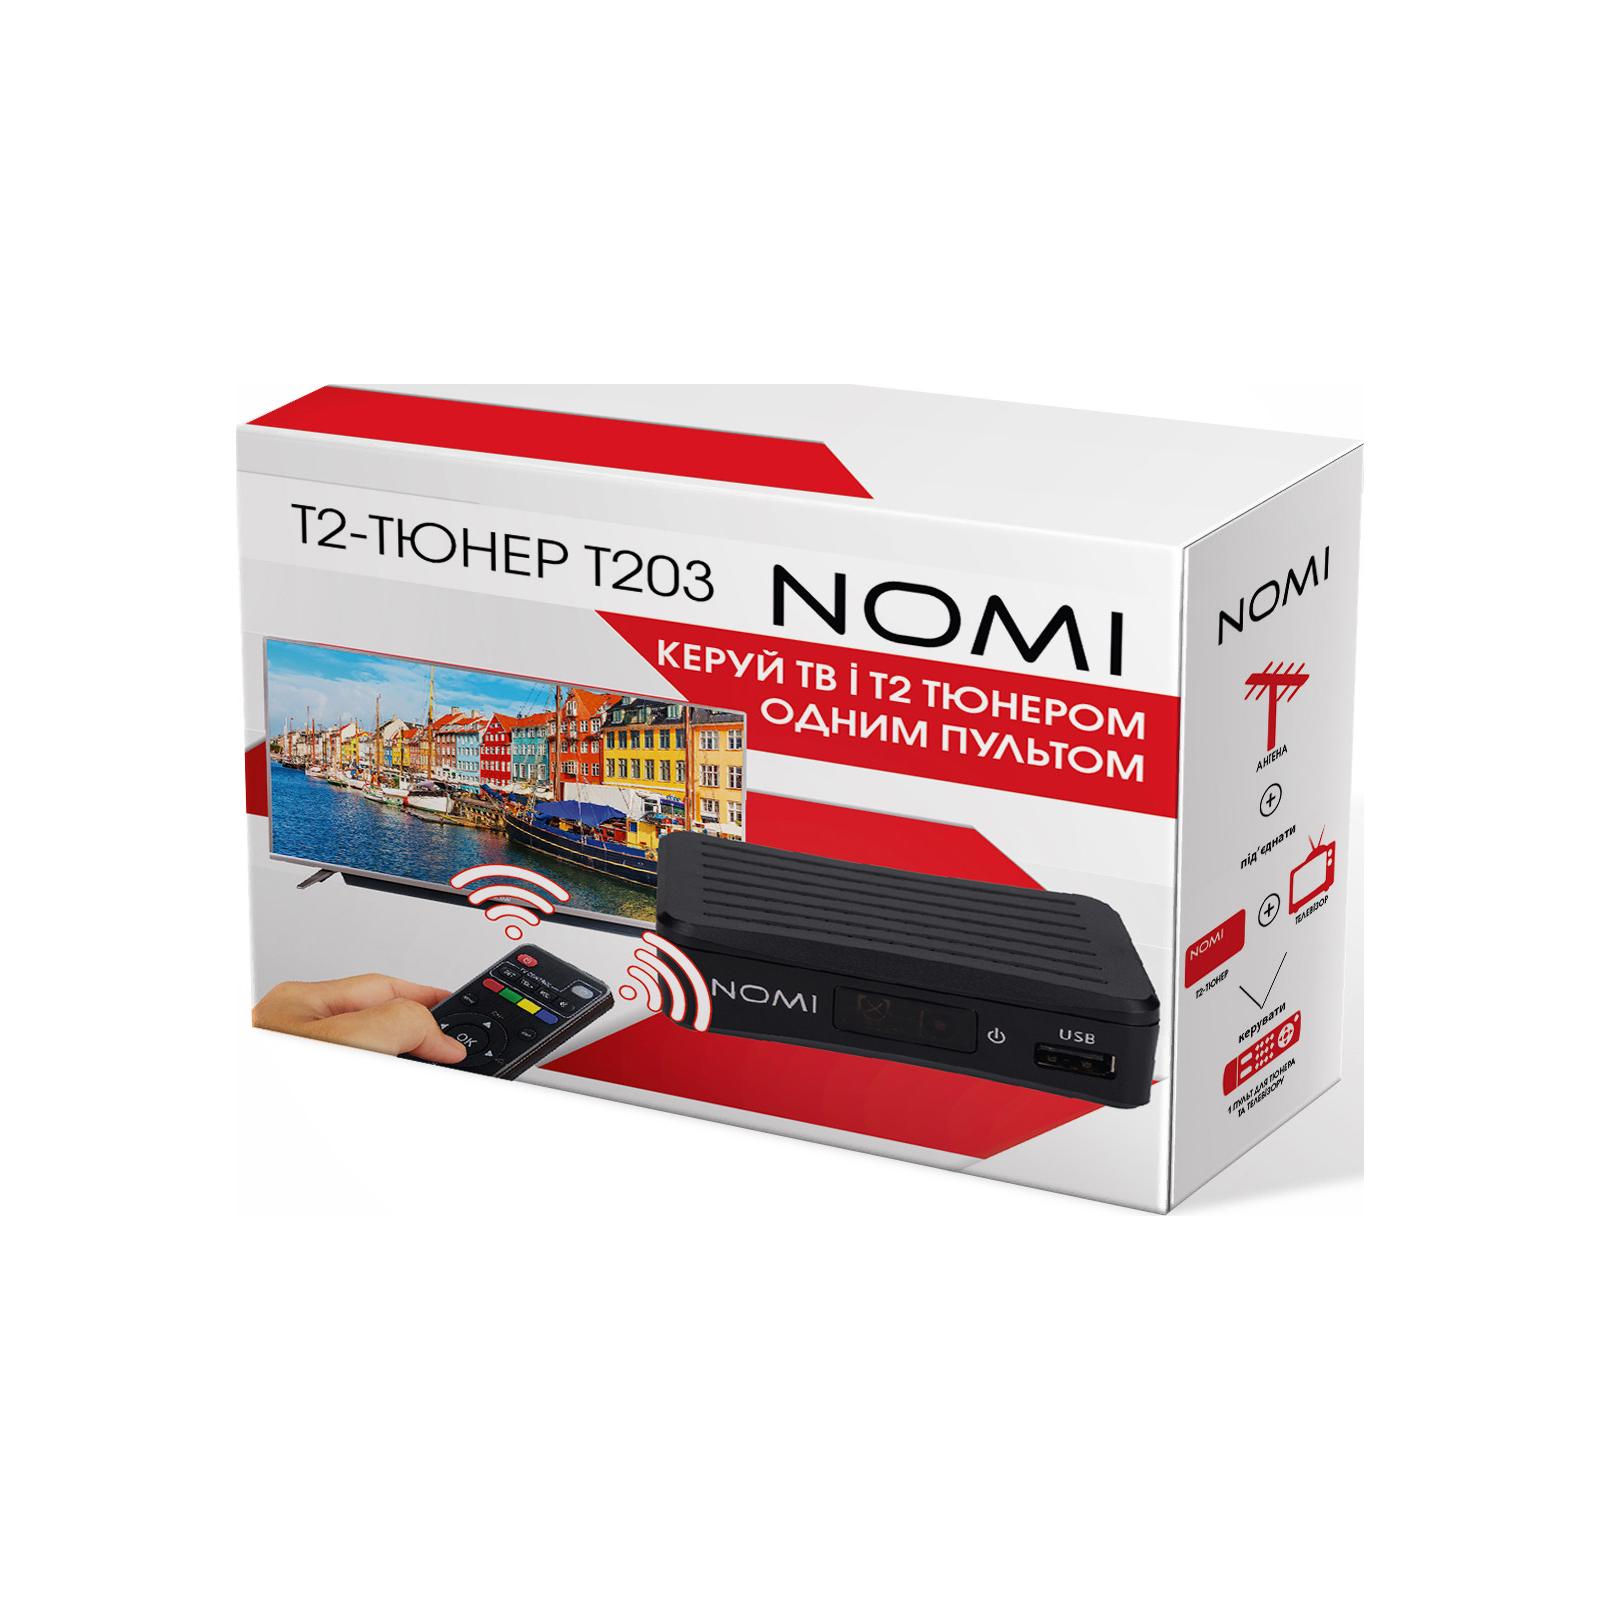 ТВ тюнер Nomi DVB-T2 T203 (425704) изображение 9